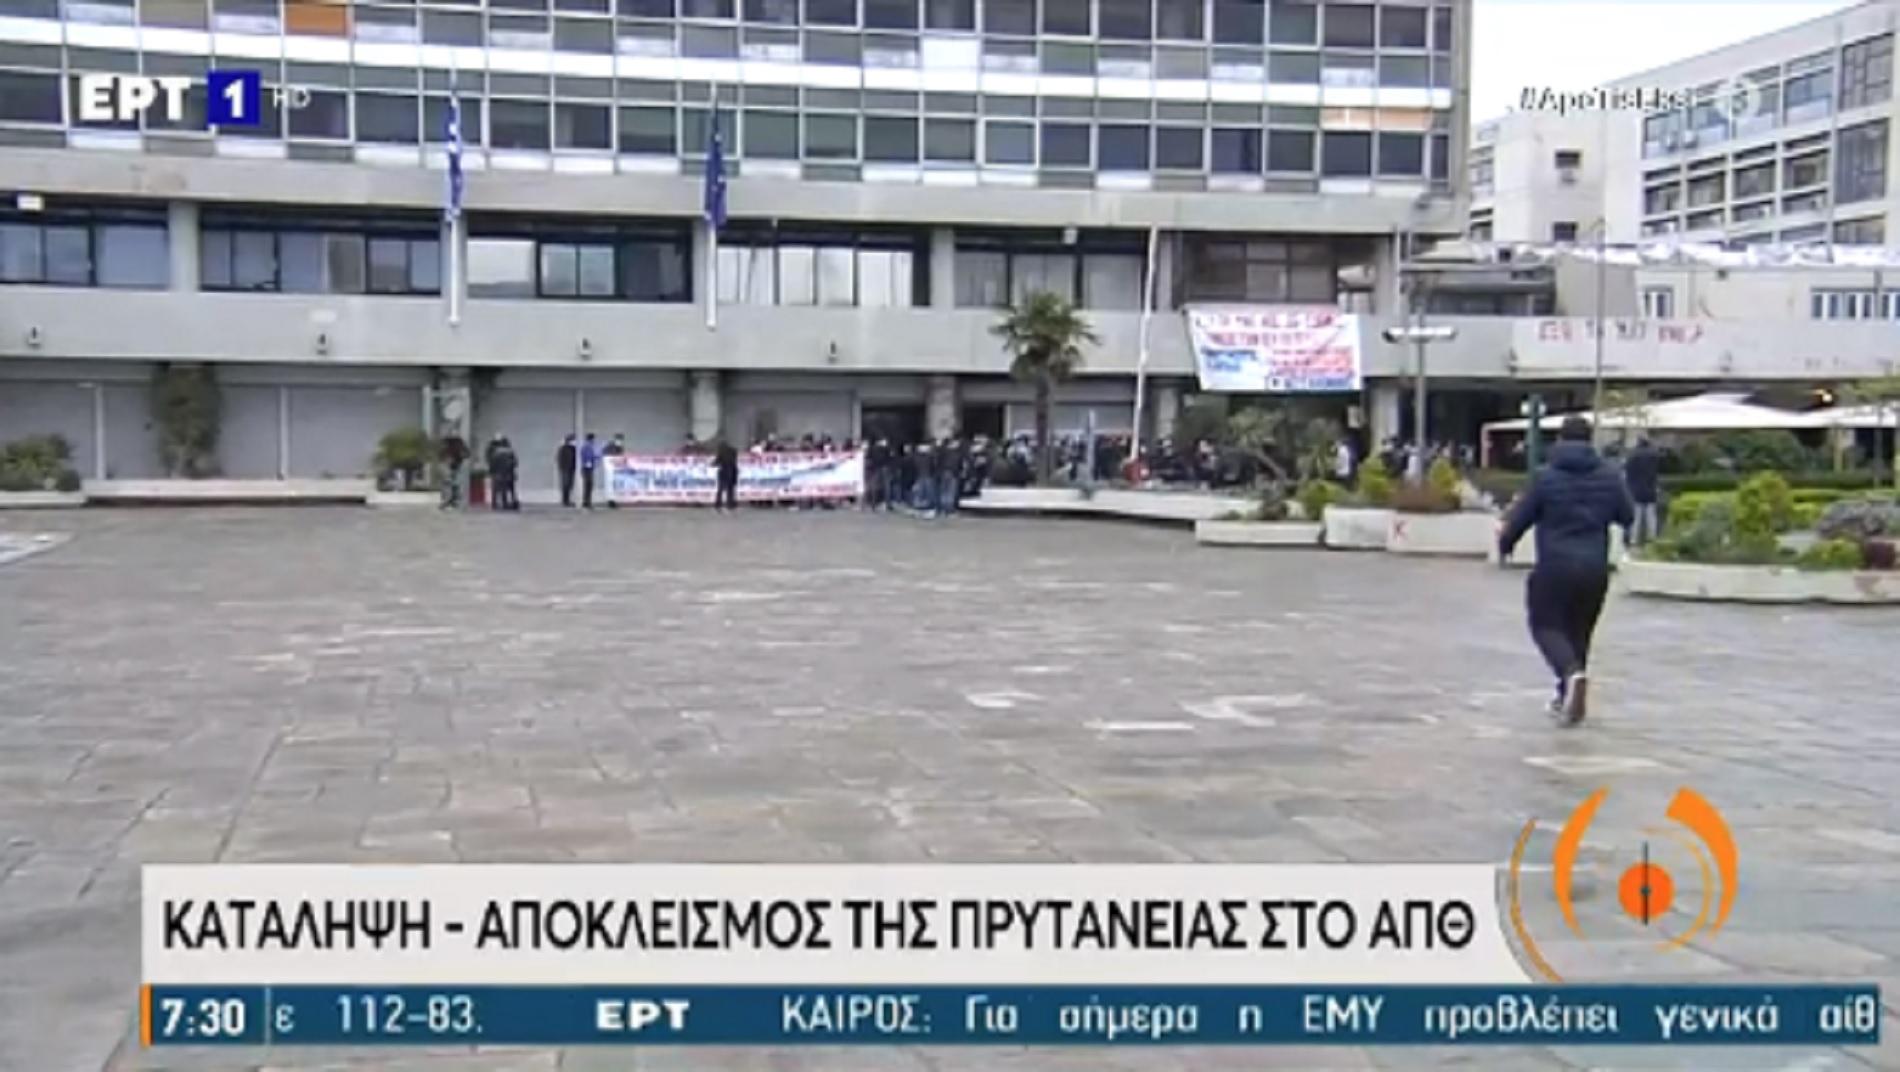 Συμβολική κατάληψη της Πρυτανείας στο ΑΠΘ – 48ωρος αποκλεισμός Τετάρτη-Πέμπτη